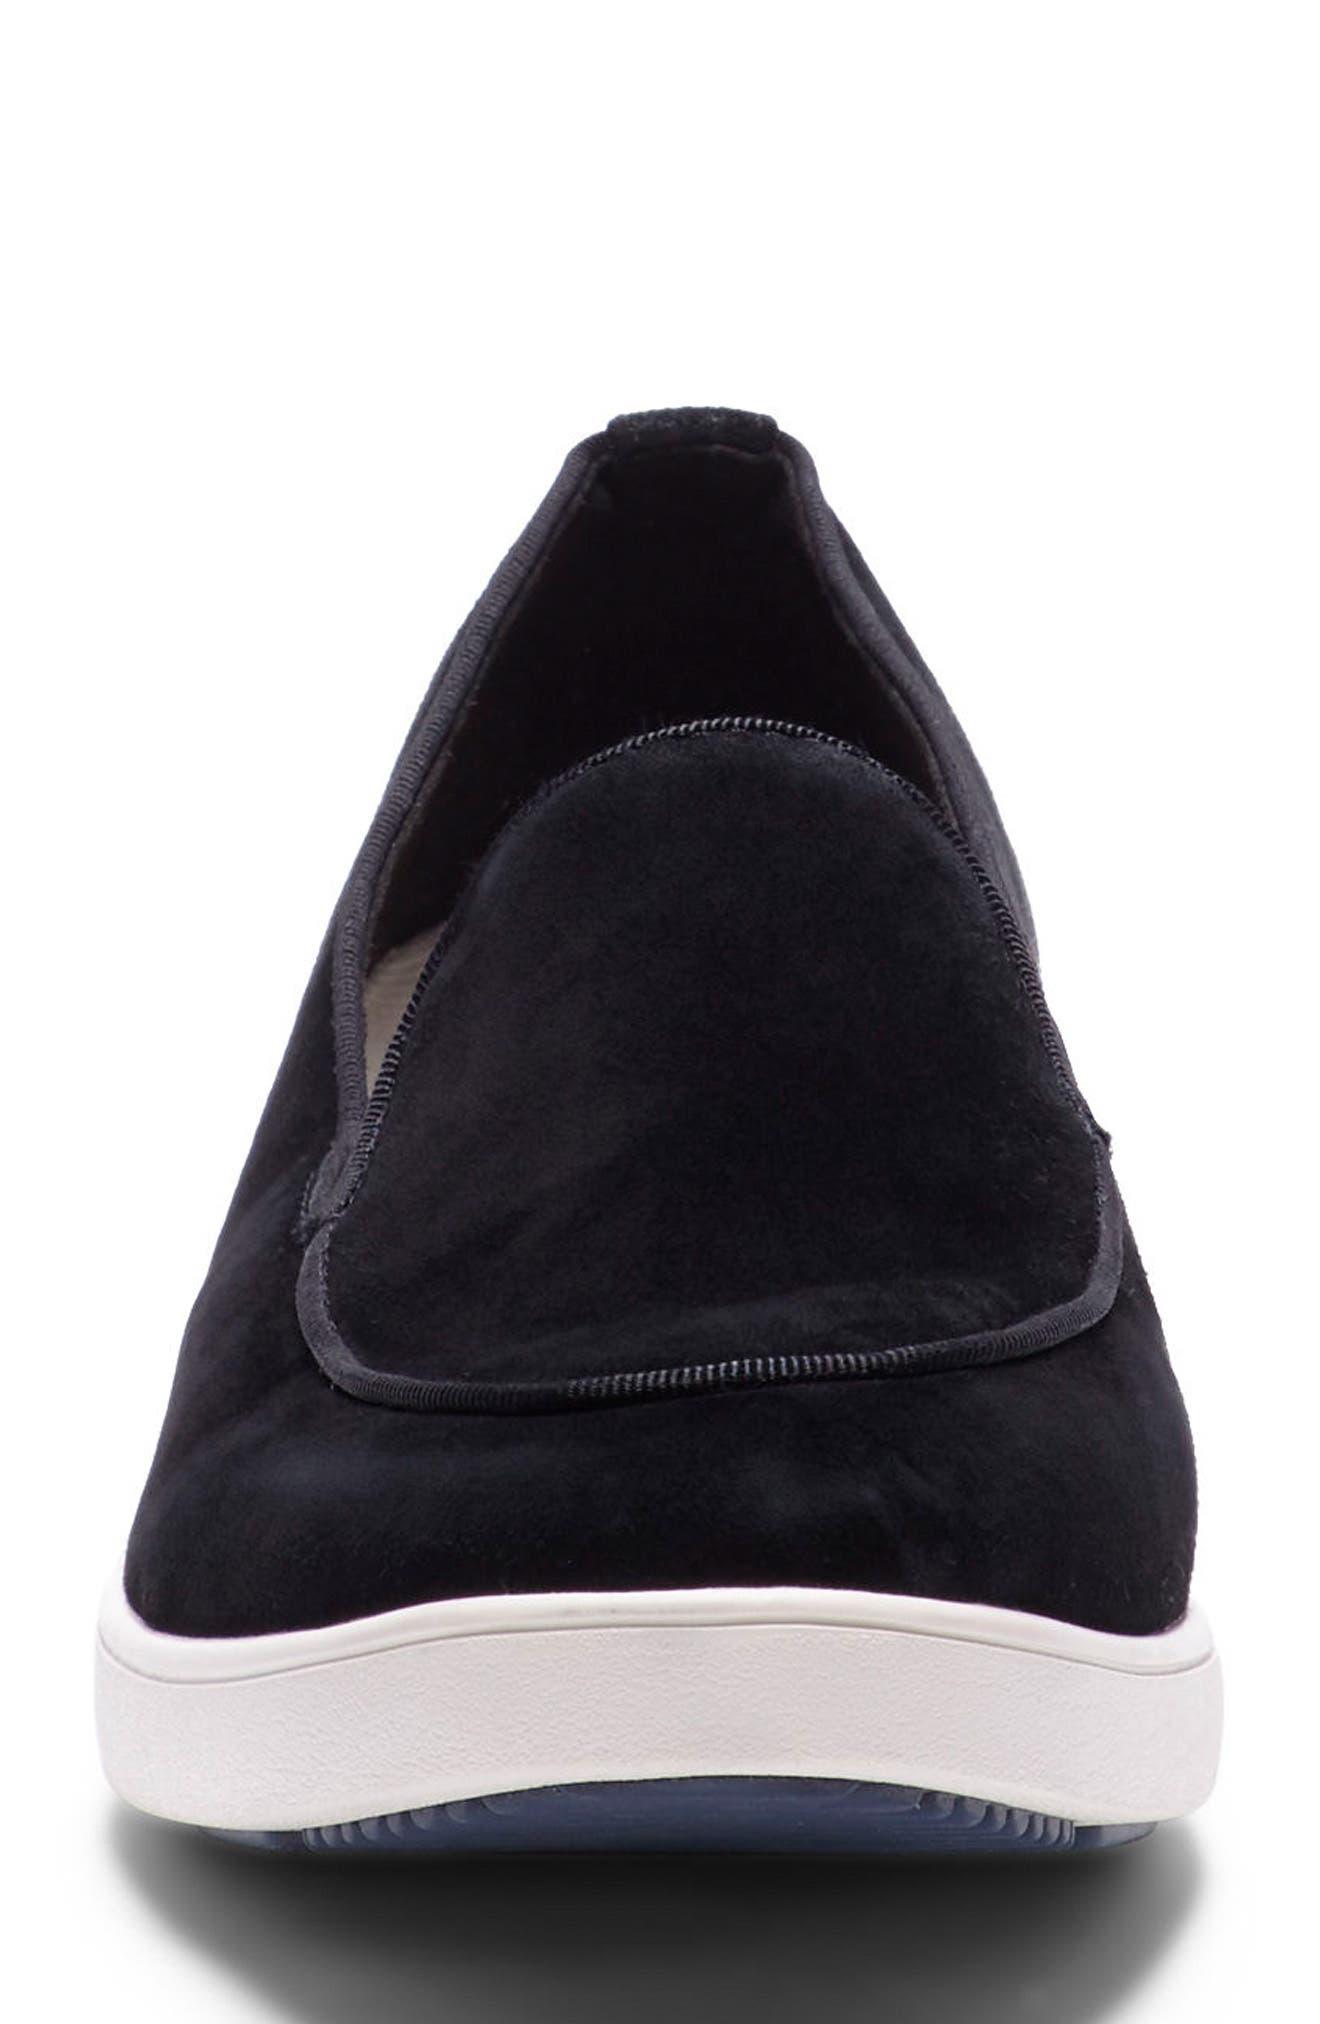 Antona Slip-On Sneaker,                             Alternate thumbnail 3, color,                             002